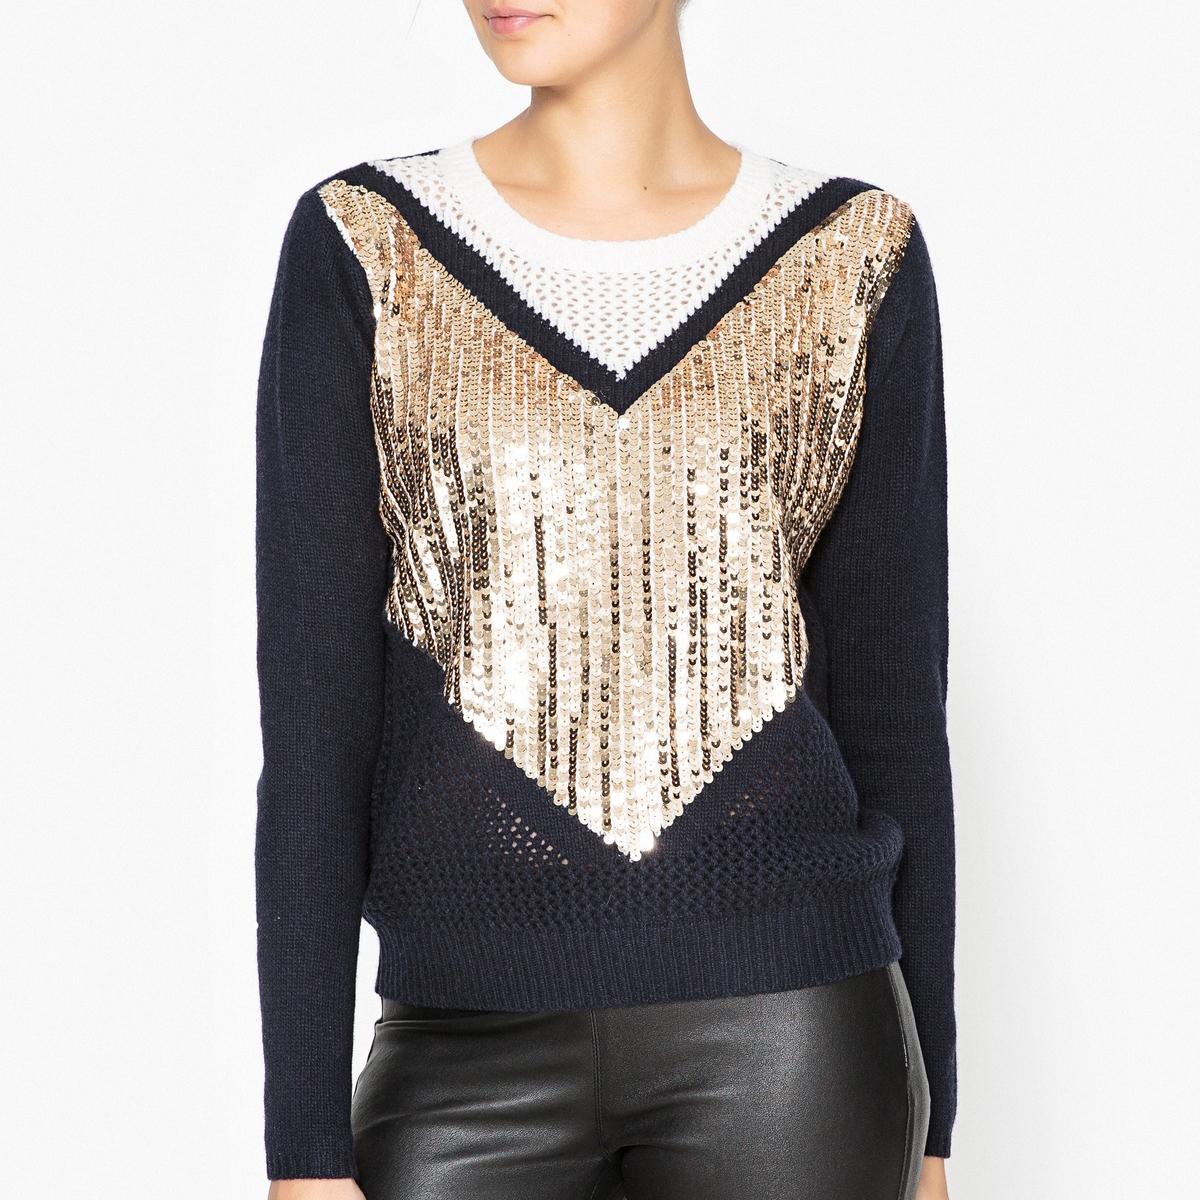 Пуловер трикотажный блестящий Эксклюзив Brand Boutique